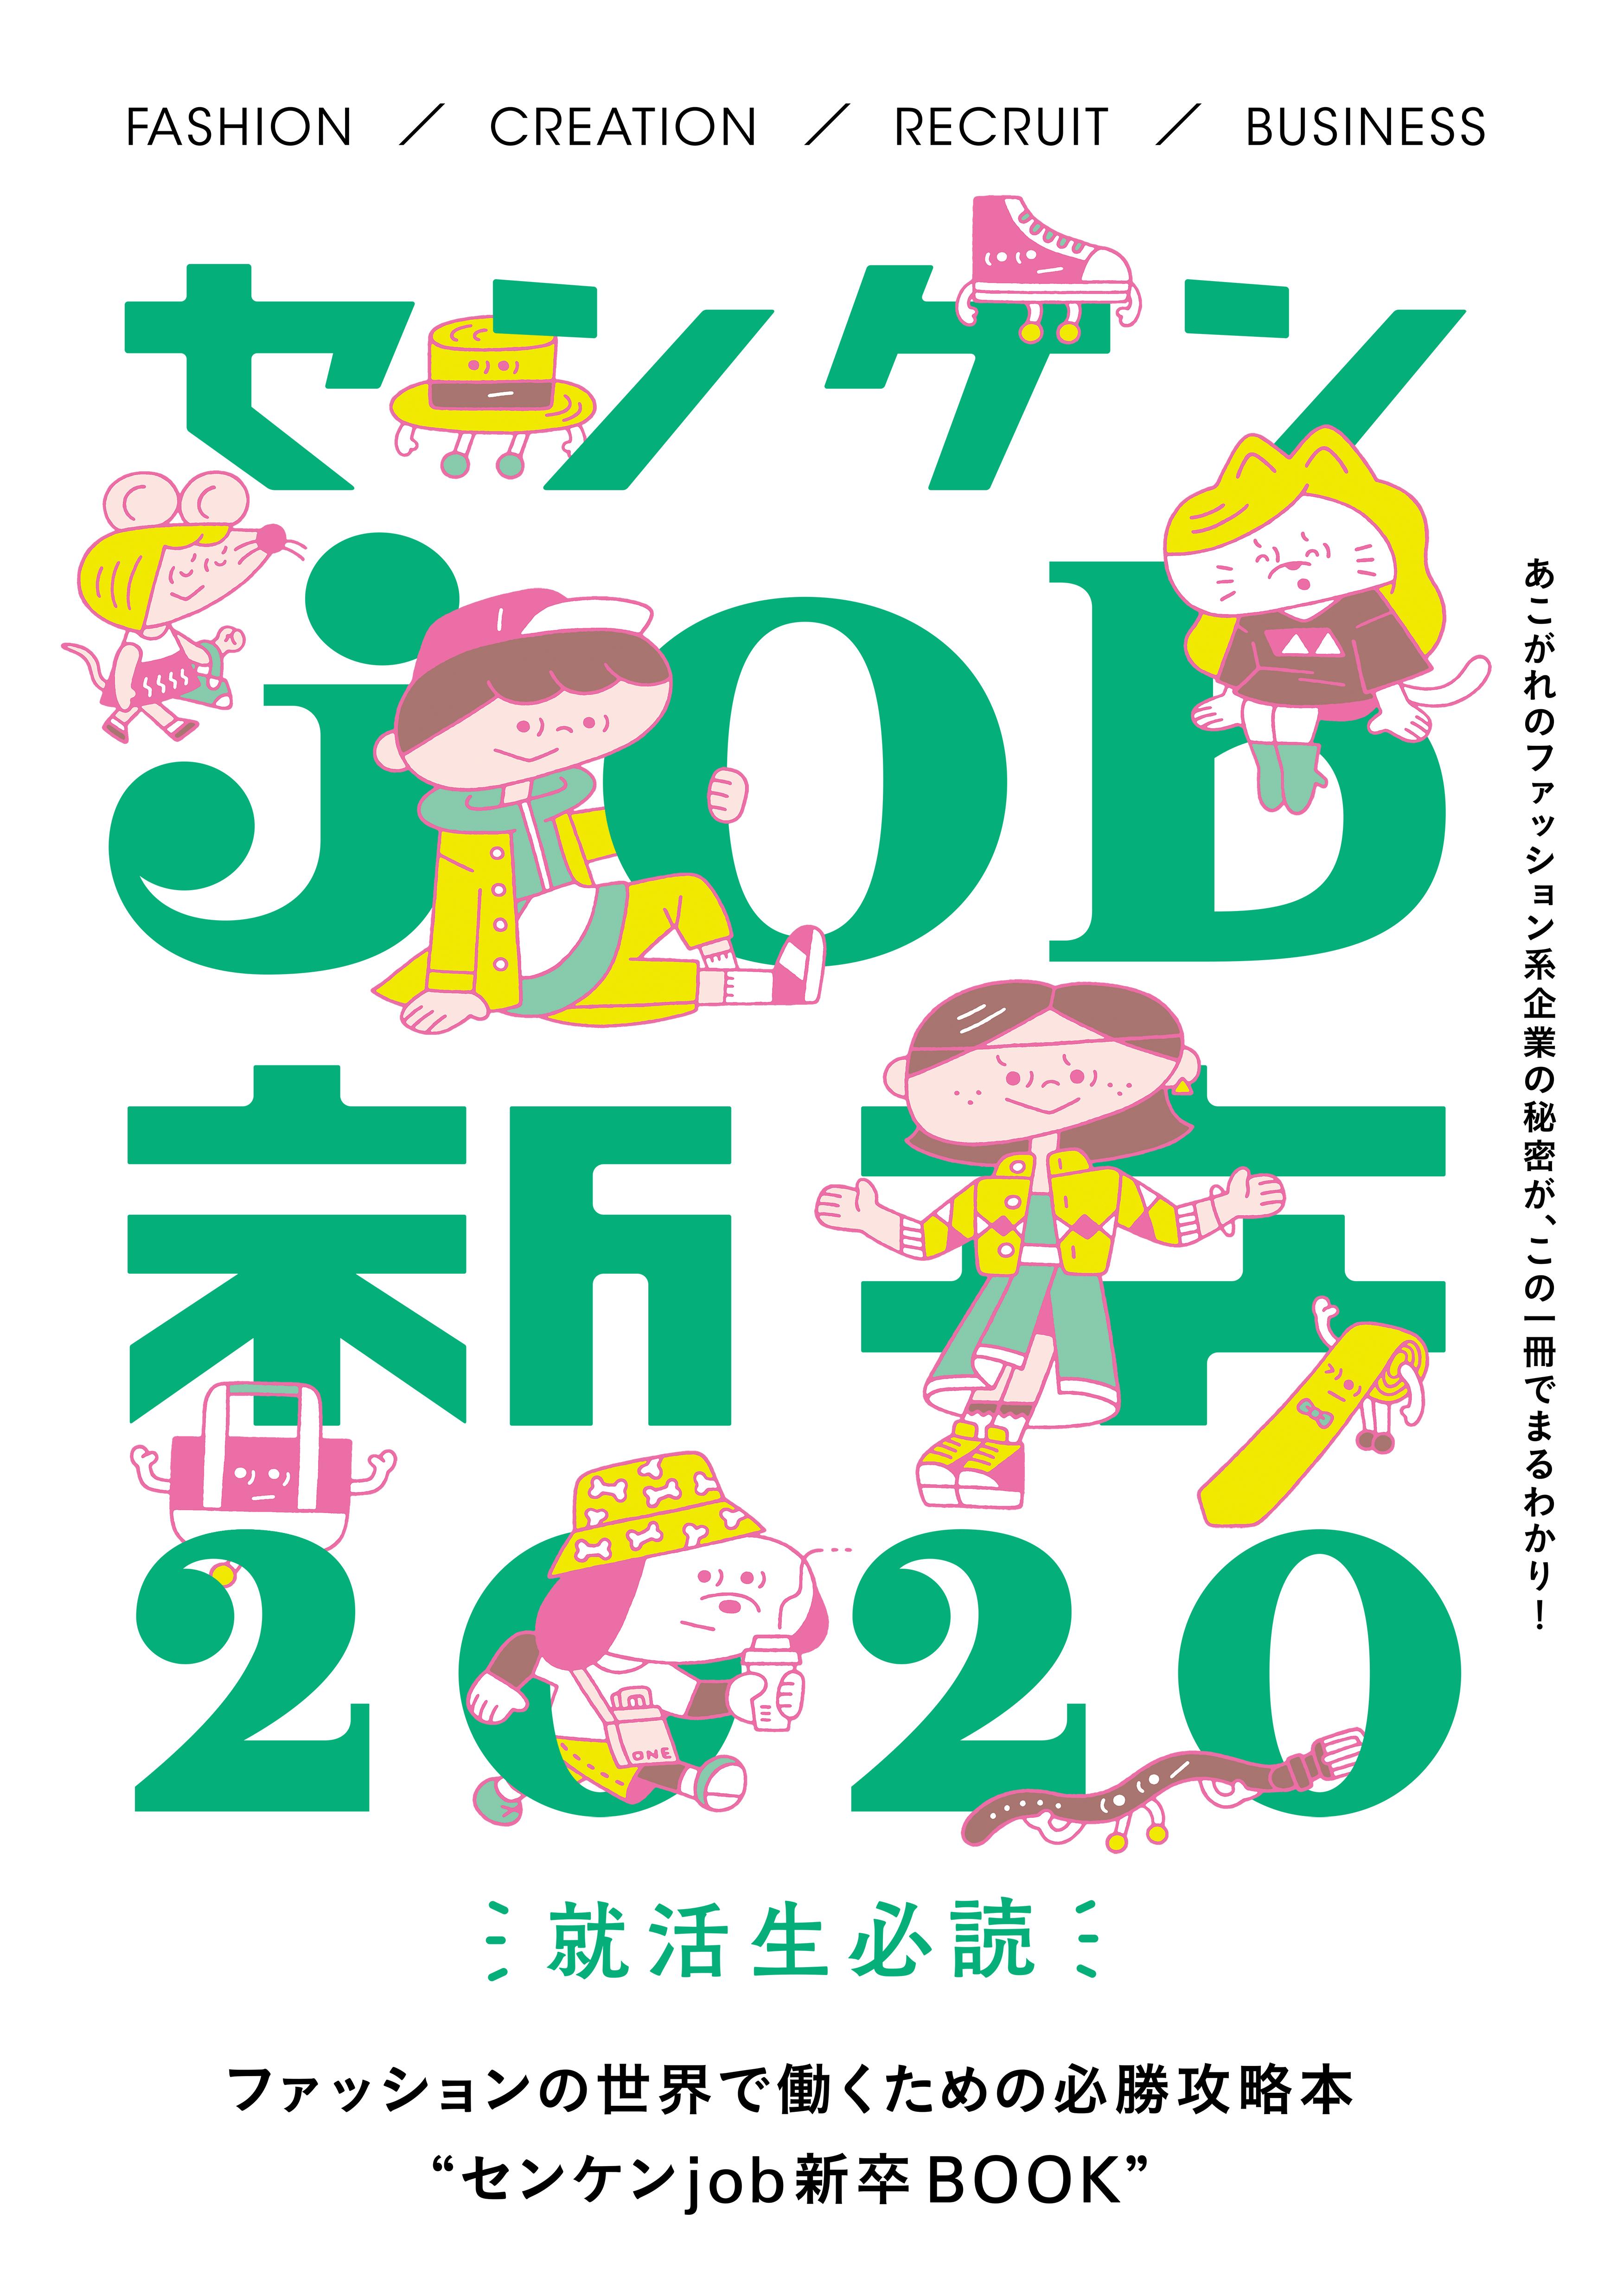 『センケンjob新卒2020』(繊研新聞社)